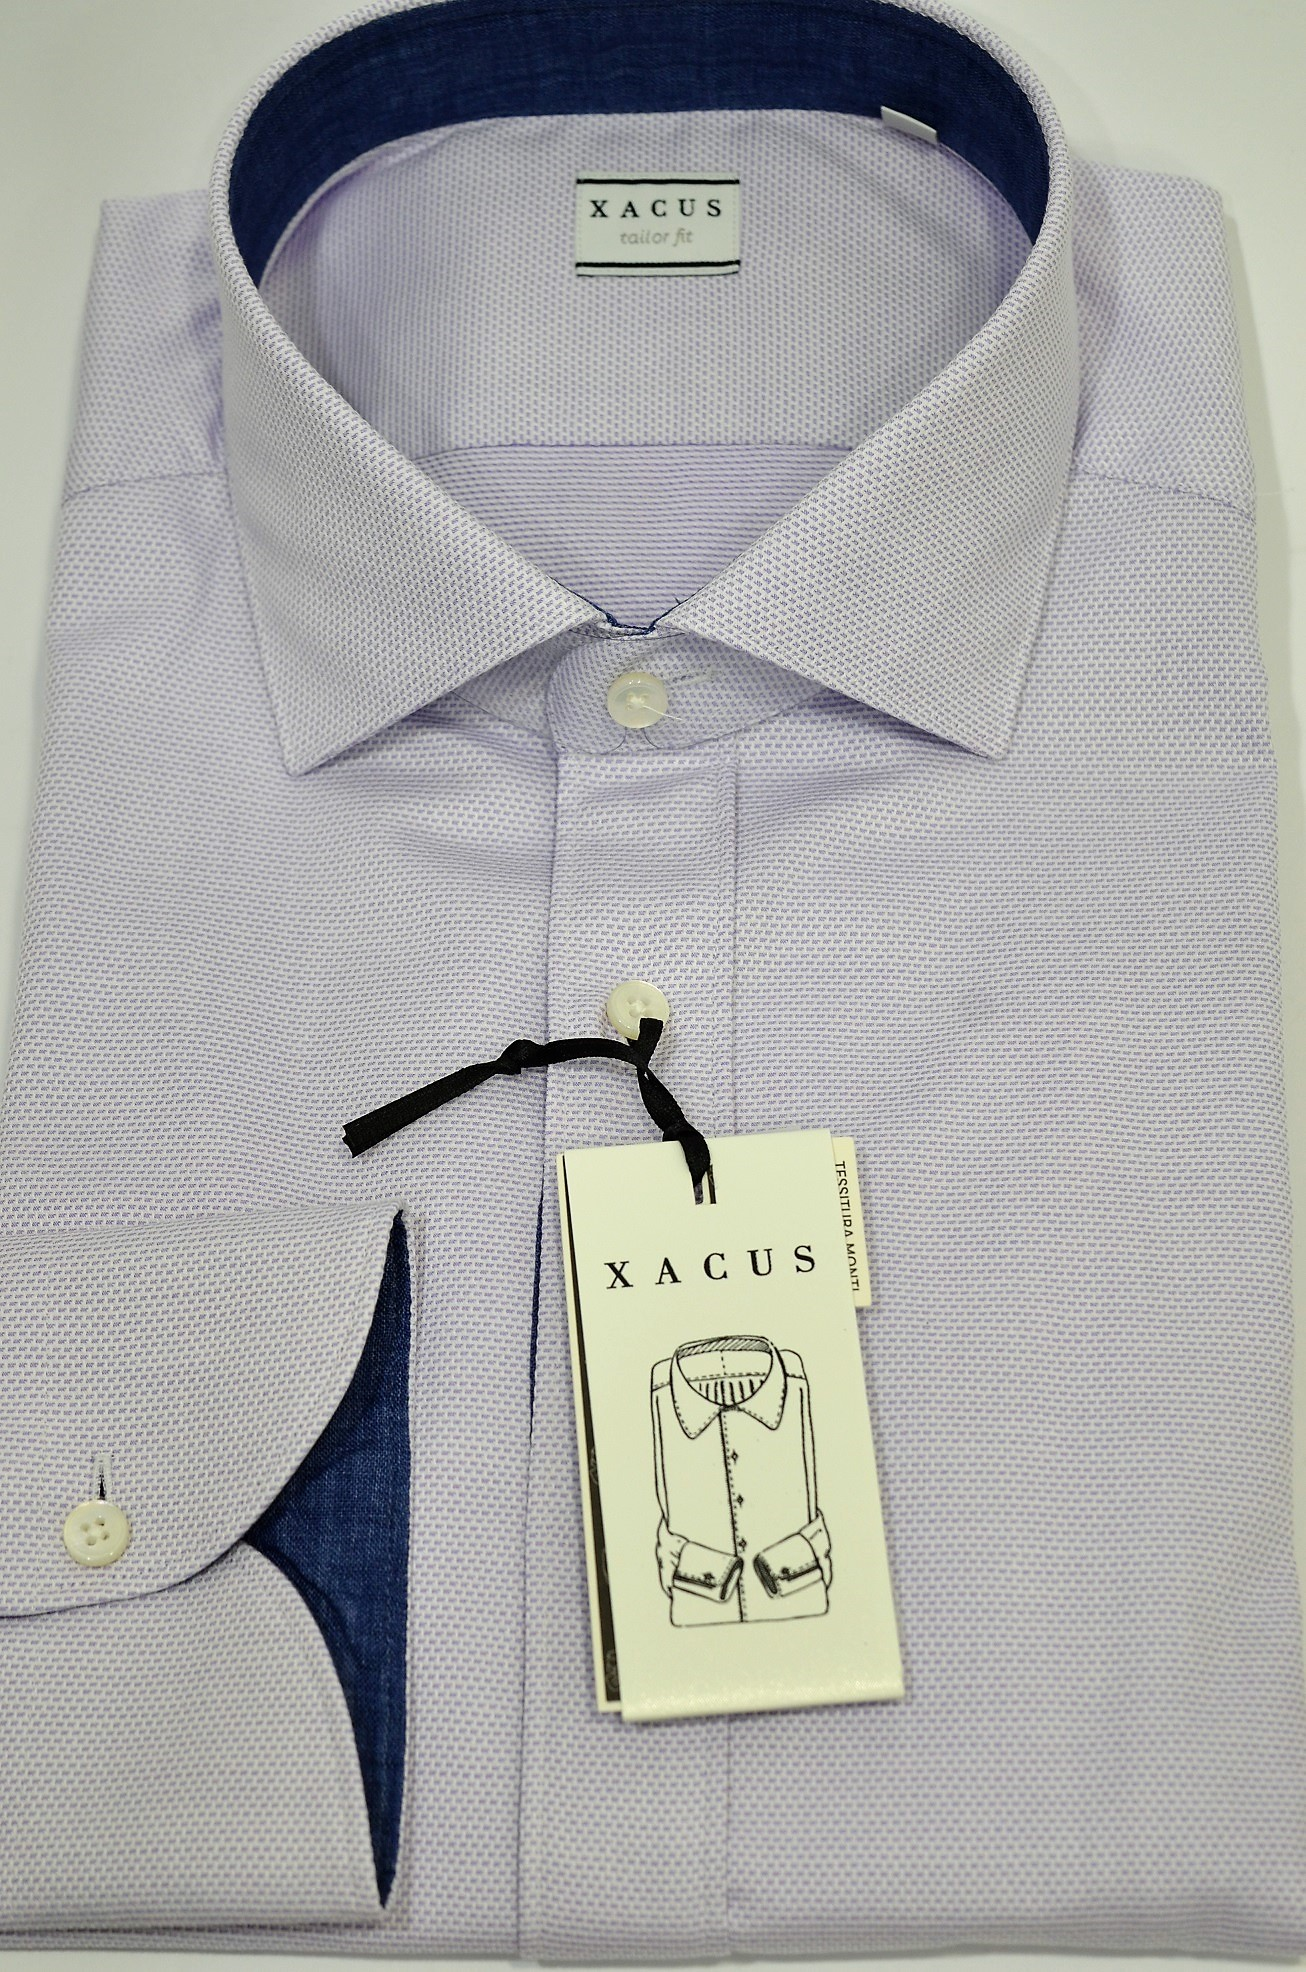 7655d260d6ea XACUS Camicia Uomo 21911002 Mod.Tailor Vestibilita  Intemedia cotone e lino